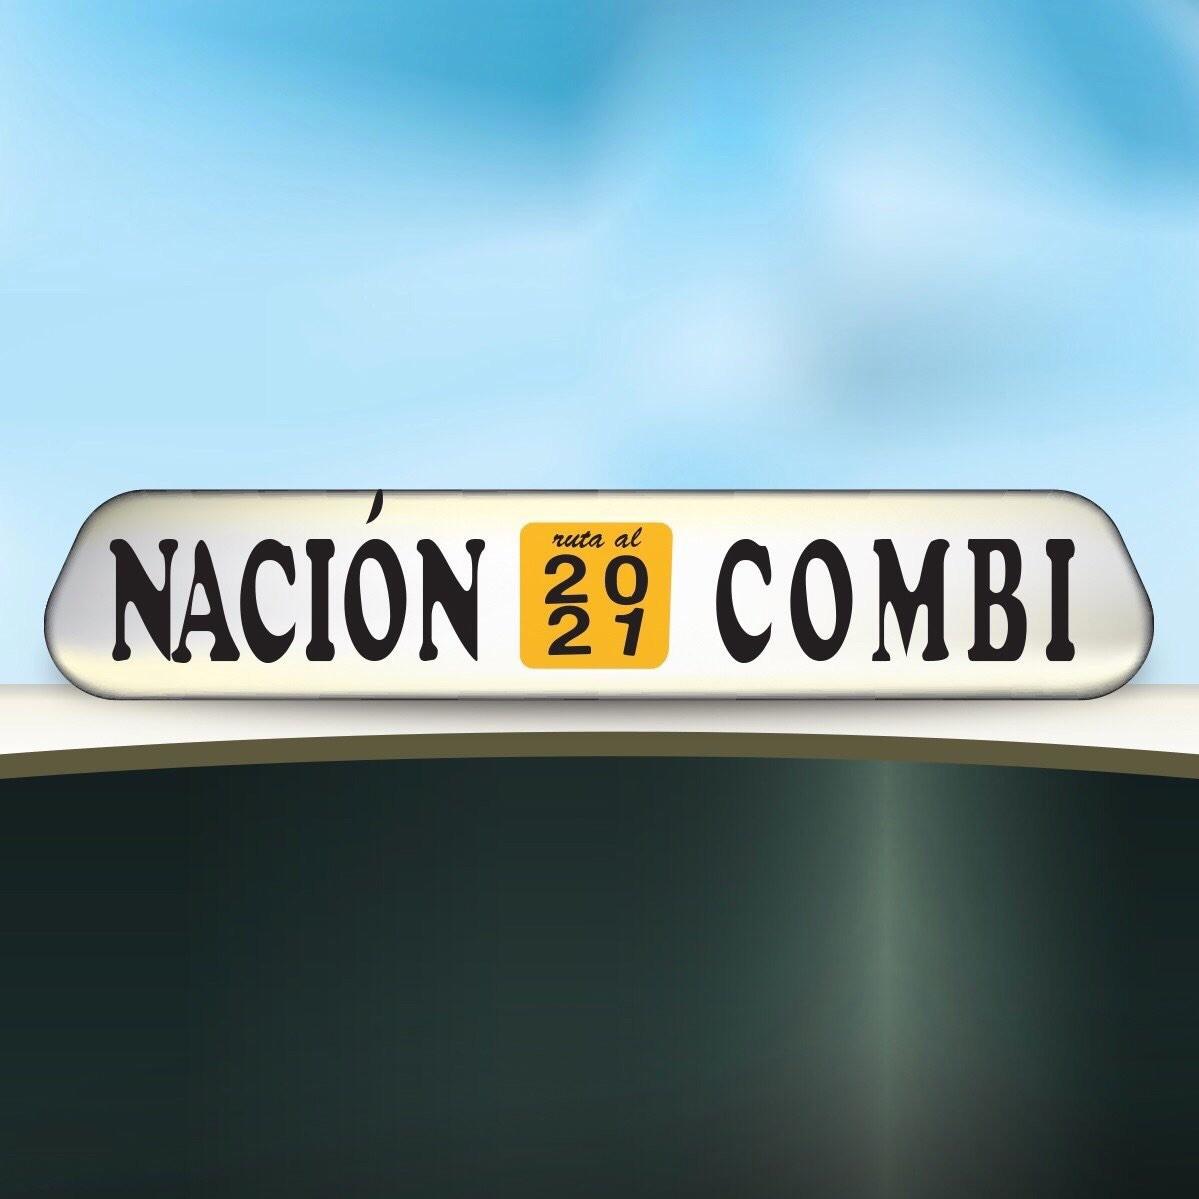 nacion-combi